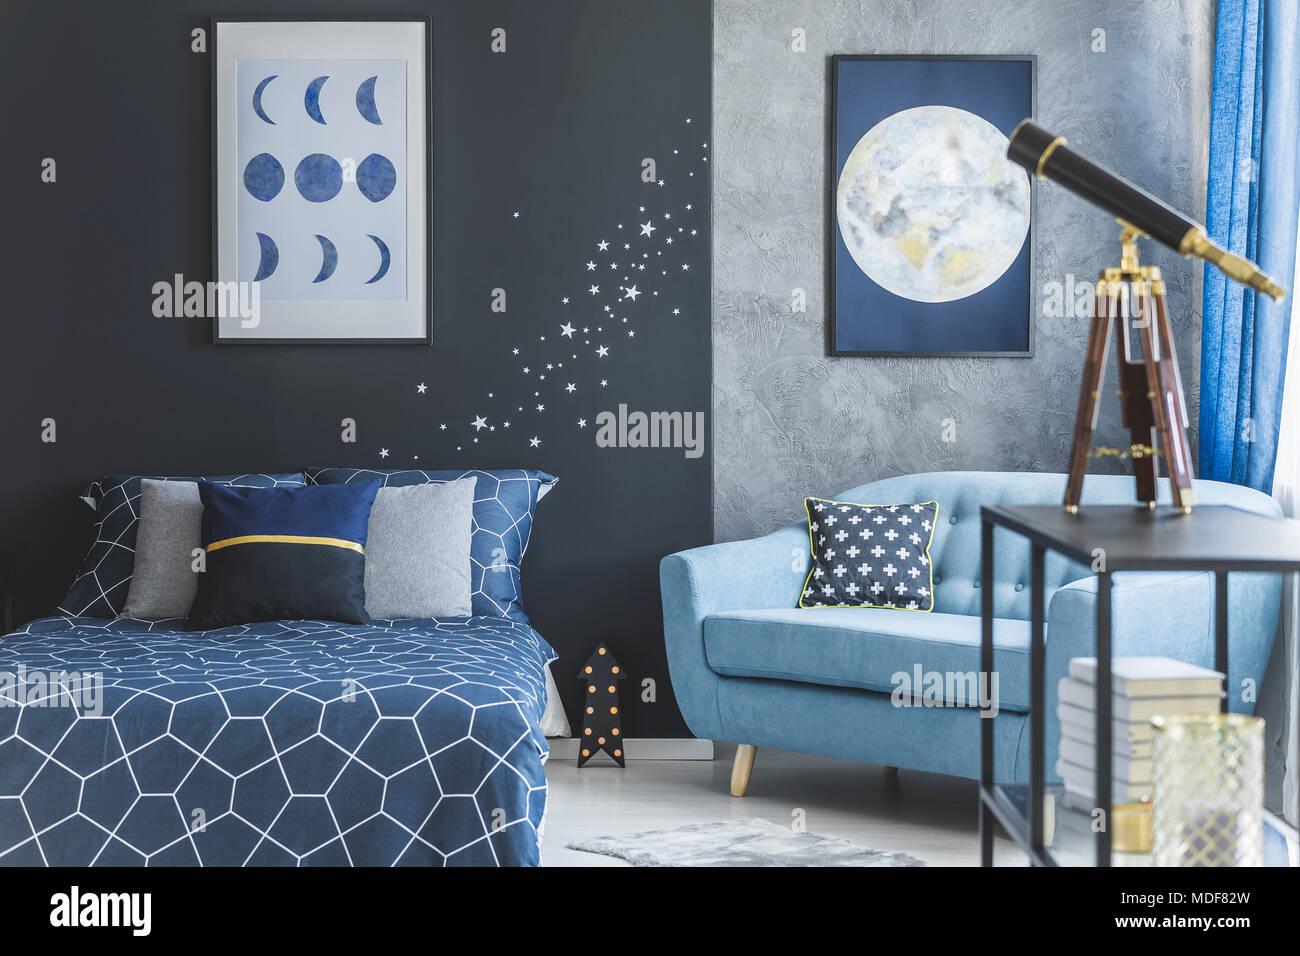 Türkisfarbene Sessel Neben Dem Bett Gegen Marine Blaue Wand In  Astronomischen Schlafzimmer Innenraum Mit Teleskop